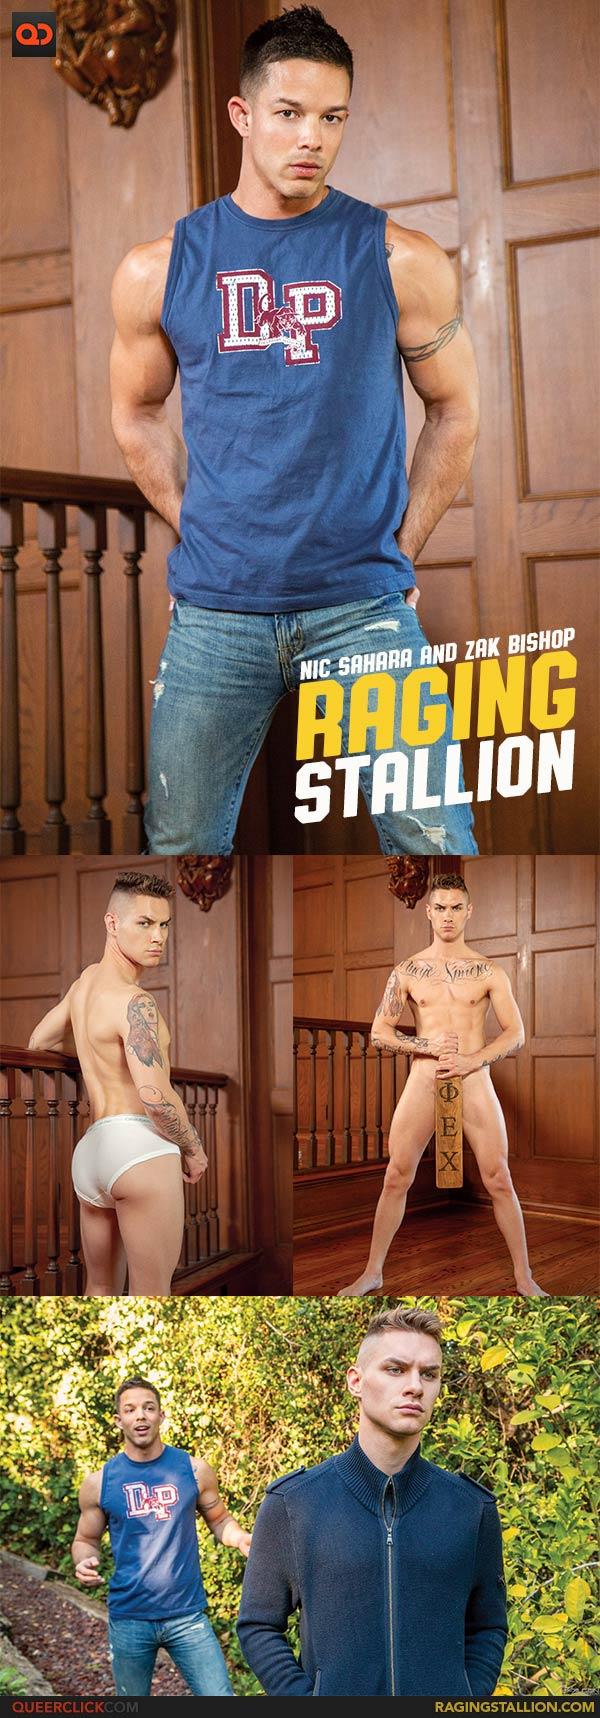 Raging Stallion: Nic Sahara and Zak Bishop